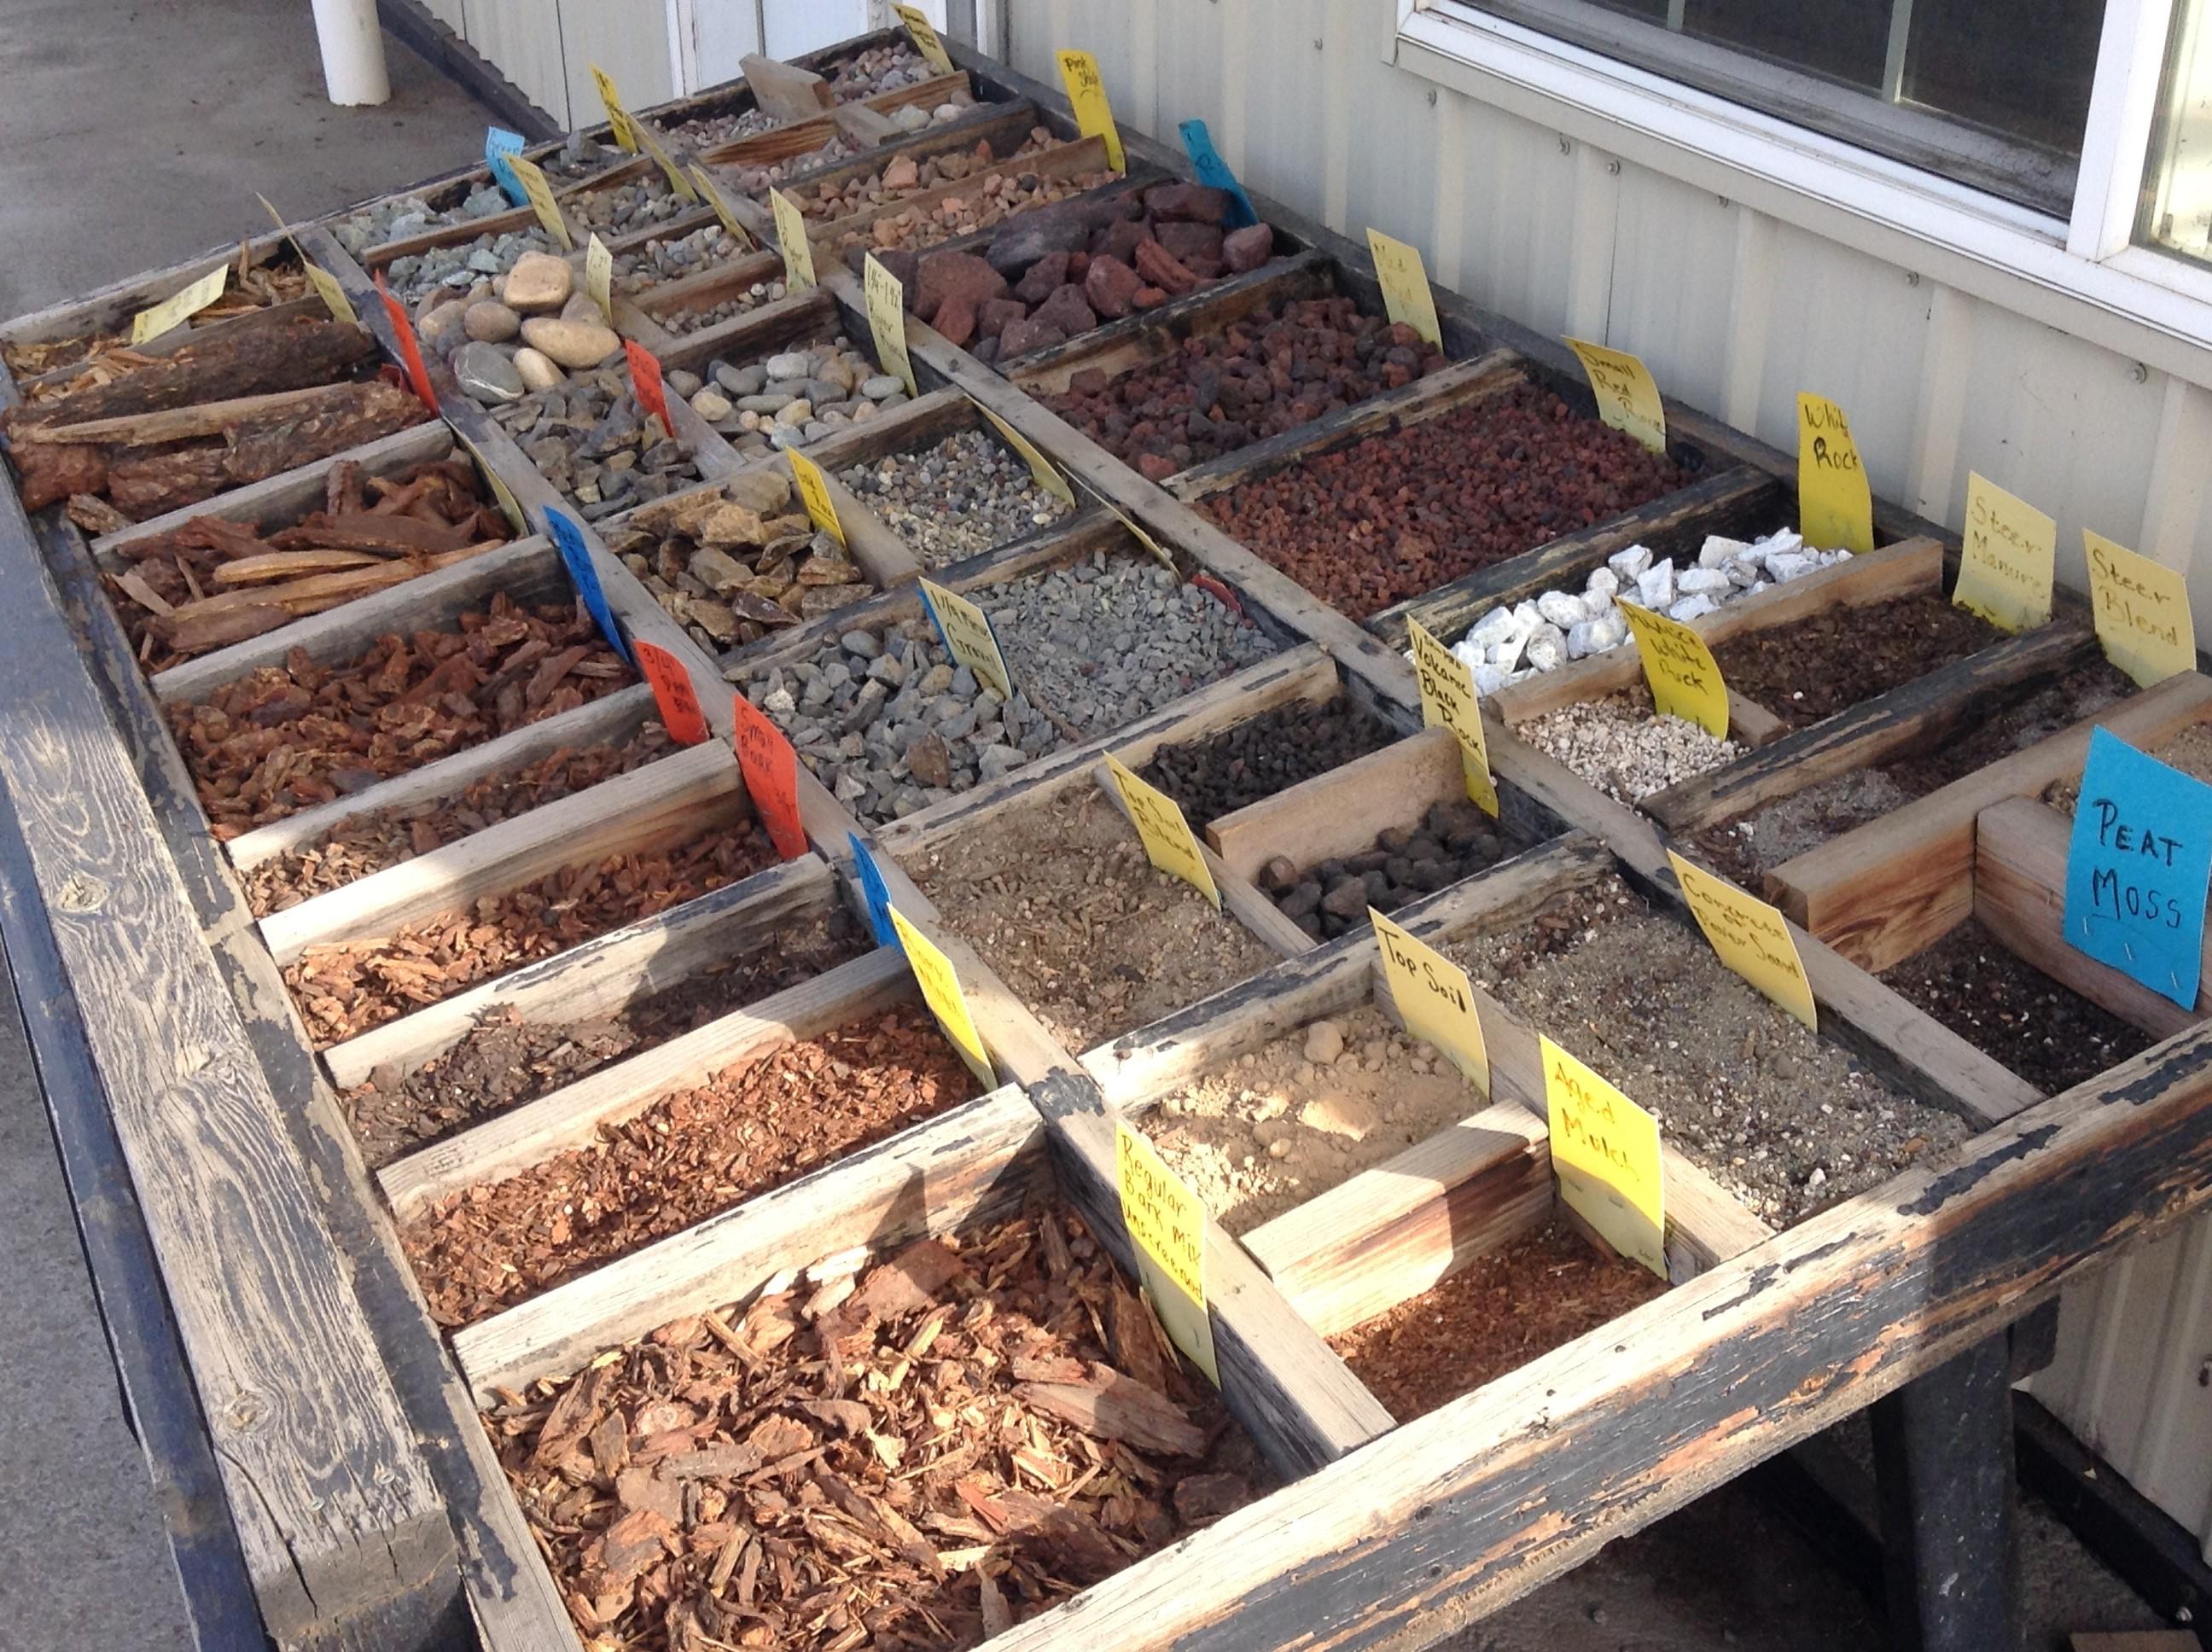 bulk landscaping soil topsoil blends mulch gravel